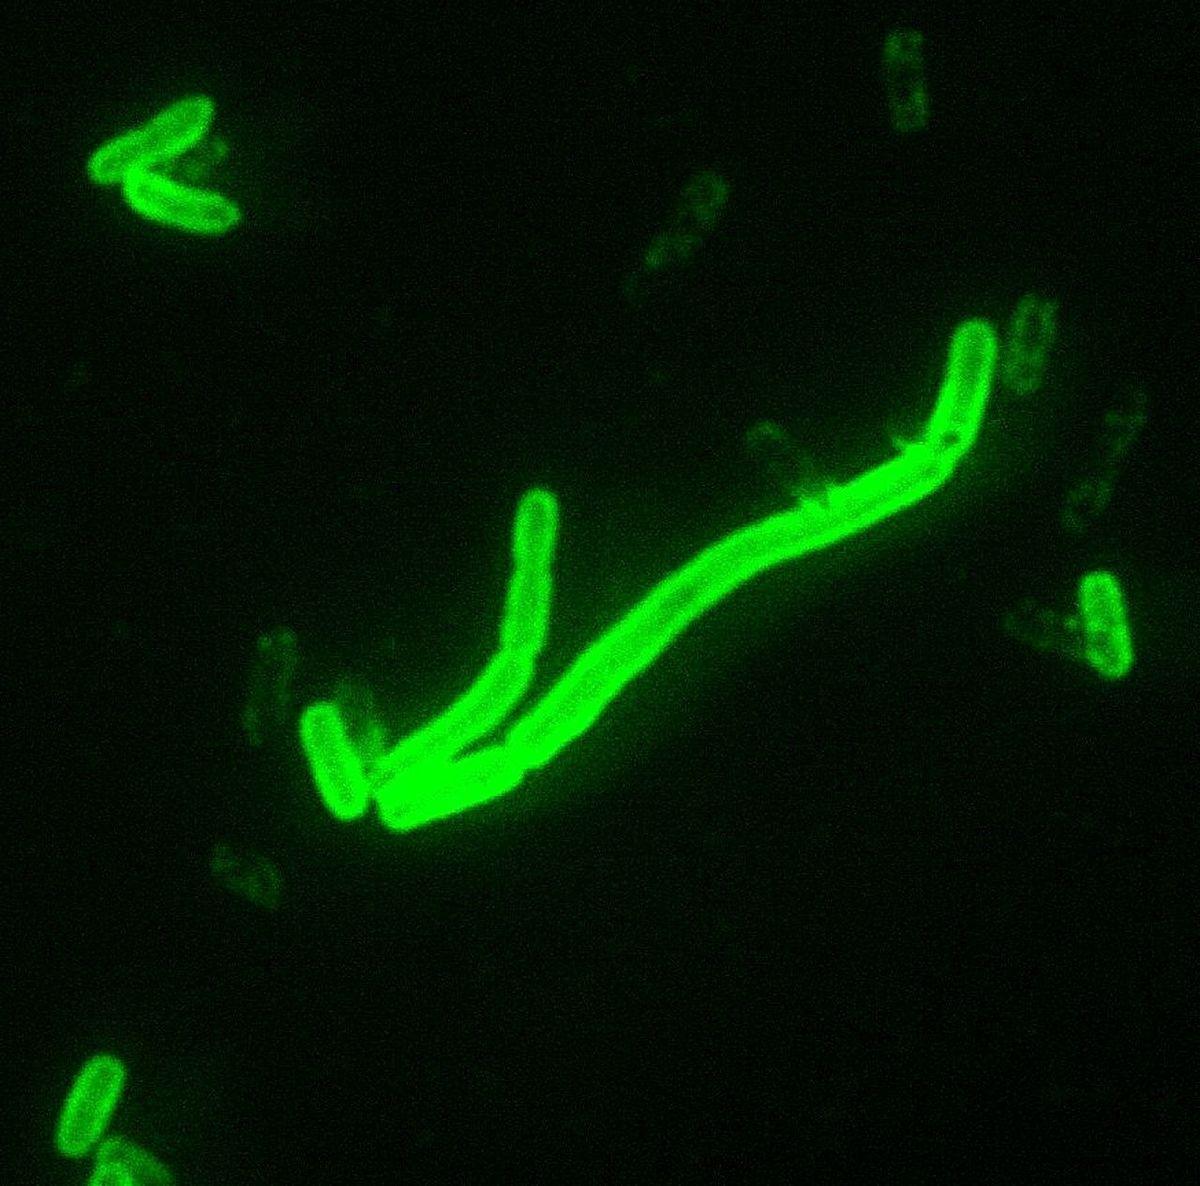 放大200倍的葉赫森氏鼠疫桿菌。(CDC/ Courtesy of Larry Stauffer, Oregon State Public Health Laboratory)